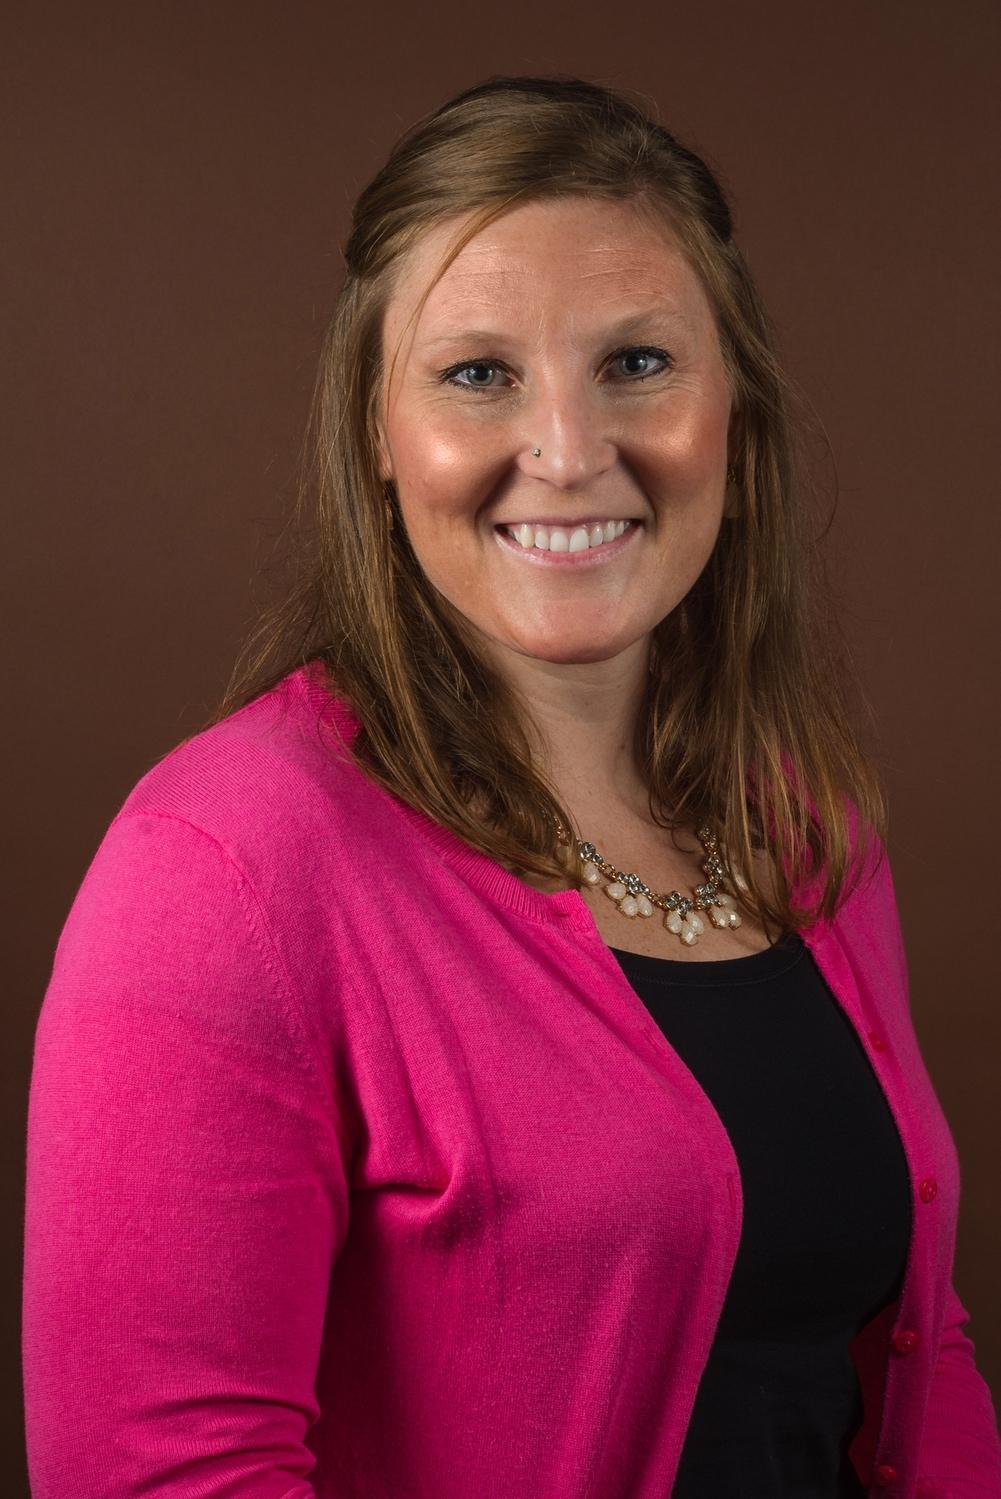 Rebecca Busman, MA, Limited Licensed Psychologist